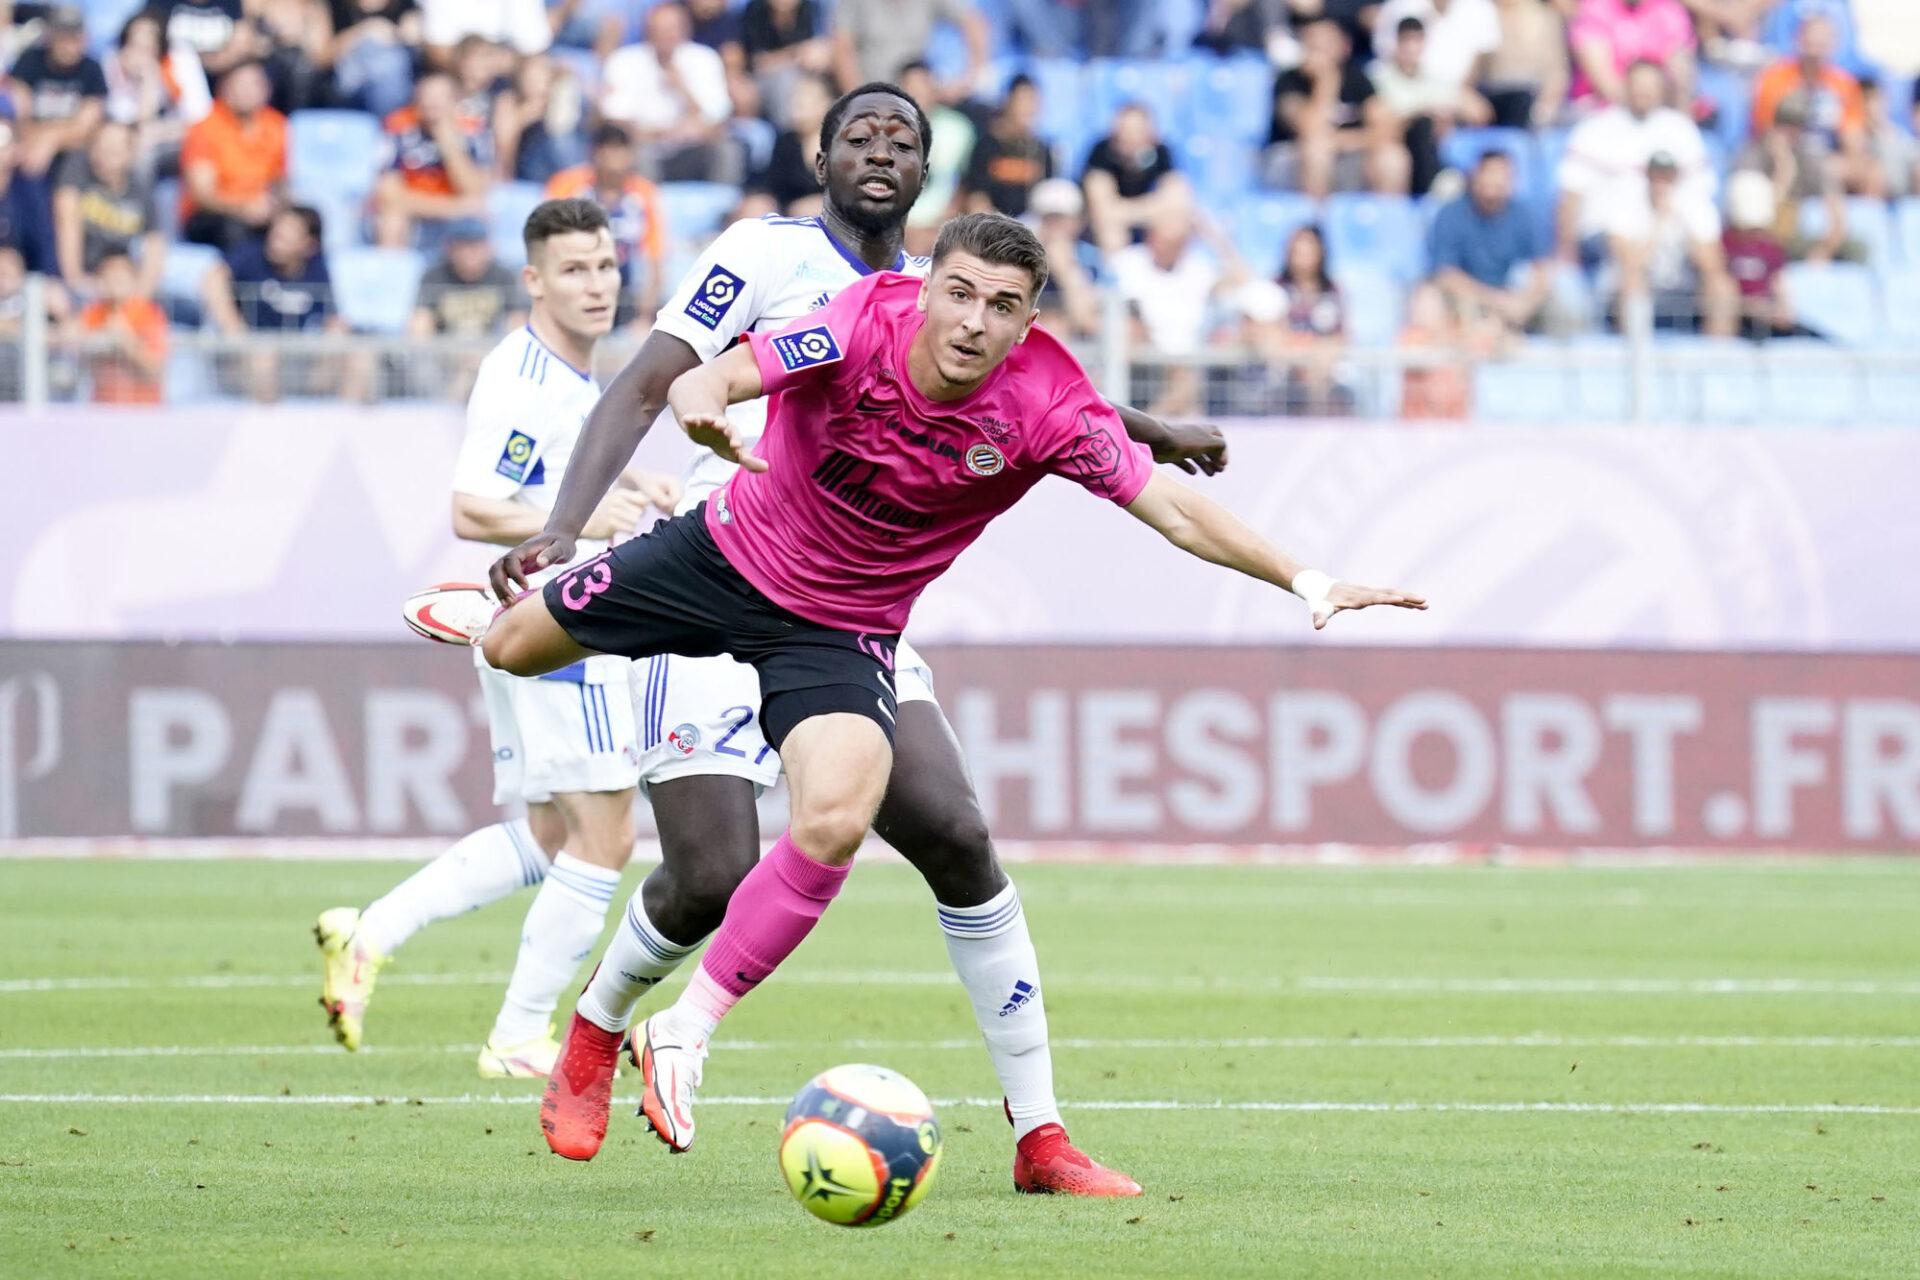 Le Montpellier de Joris Chotard n'a pas réussi à faire tomber le Strasbourg d'Ibrahima Sissoko. Icon Sport